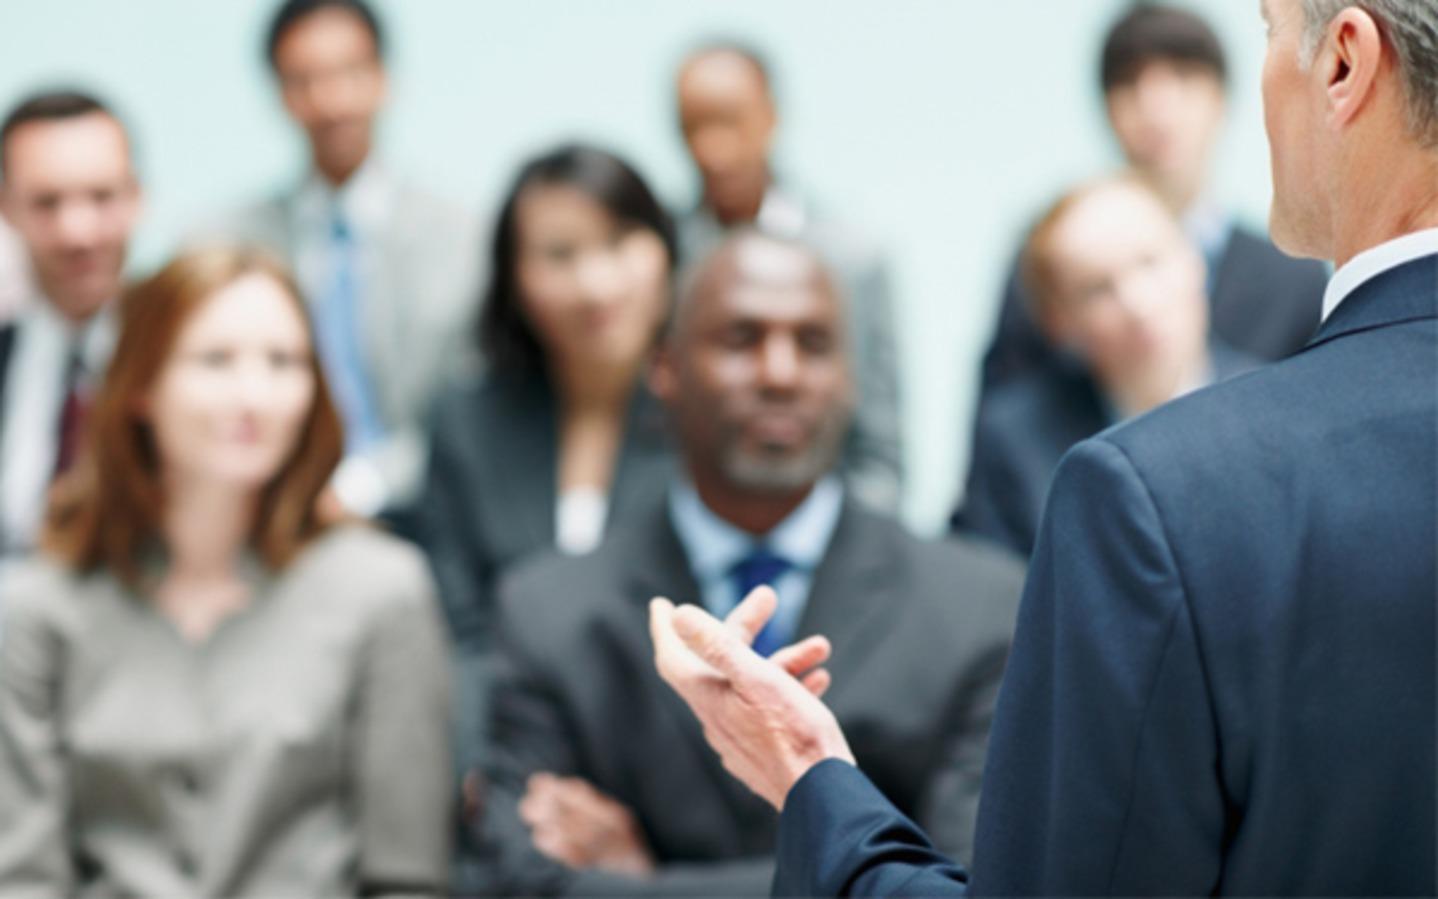 how-to-deliver-a-killer-business-presentation-008d77933f.jpg